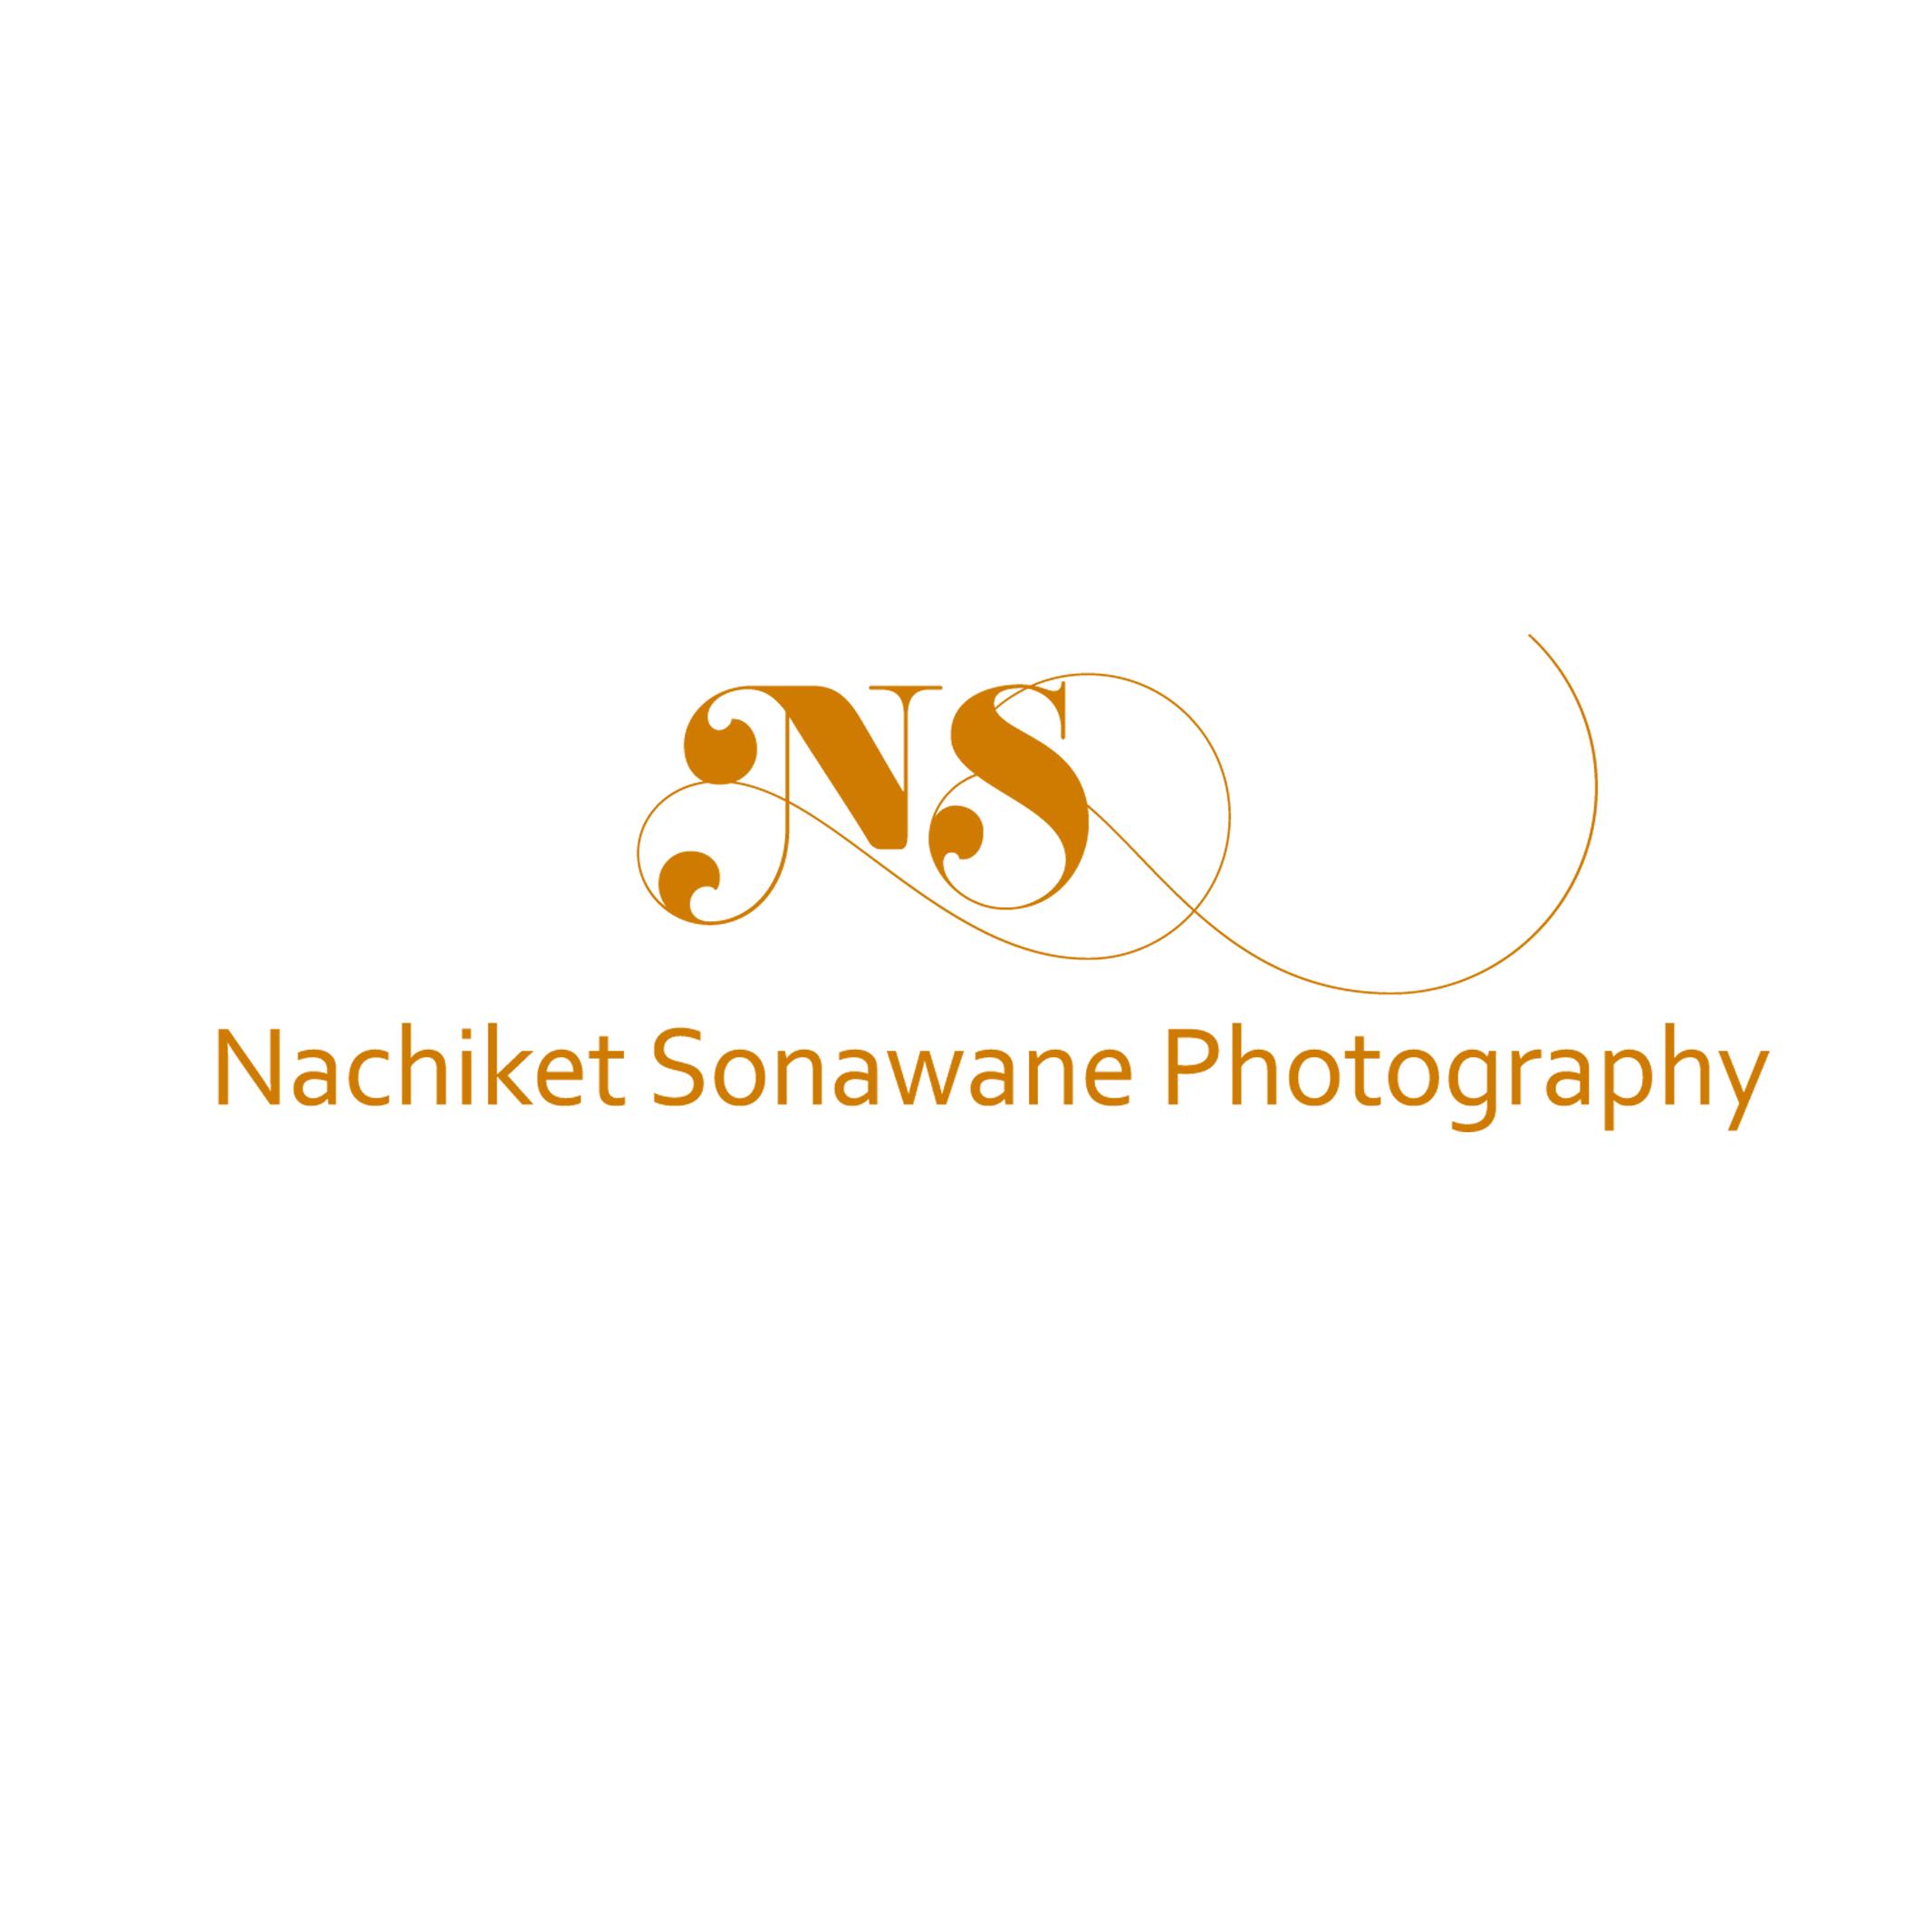 Nachiket Sonawane Photography - logo